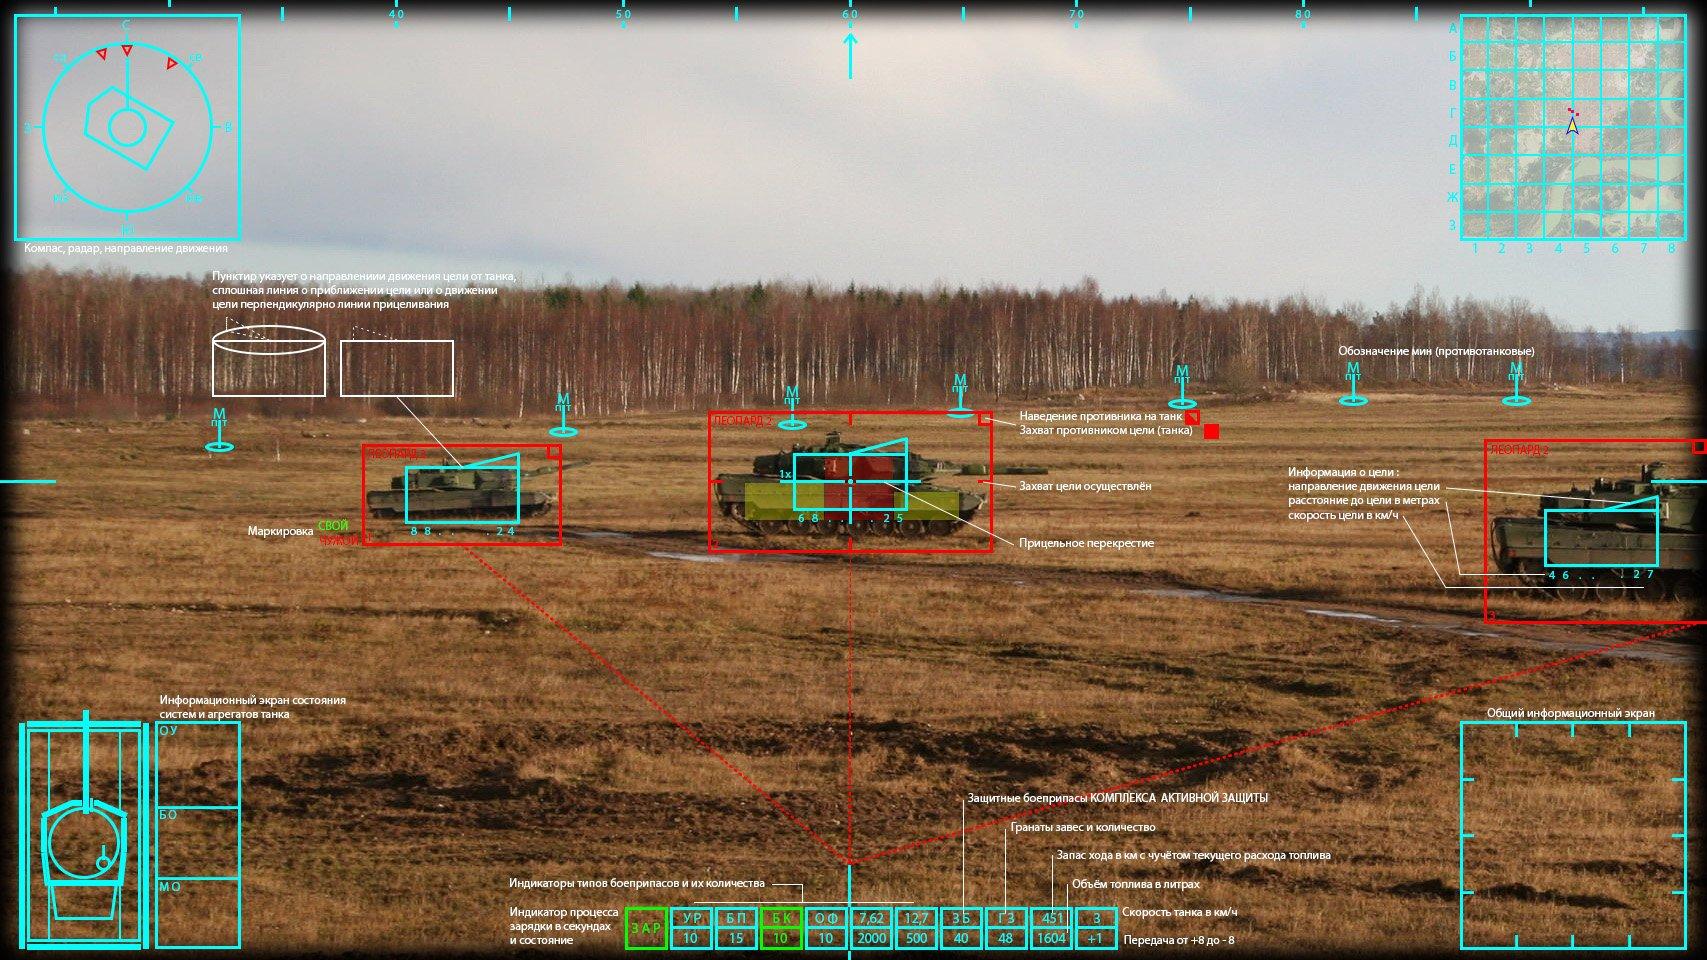 Танковый интерфейс ближайшего будущего. - Изображение 1